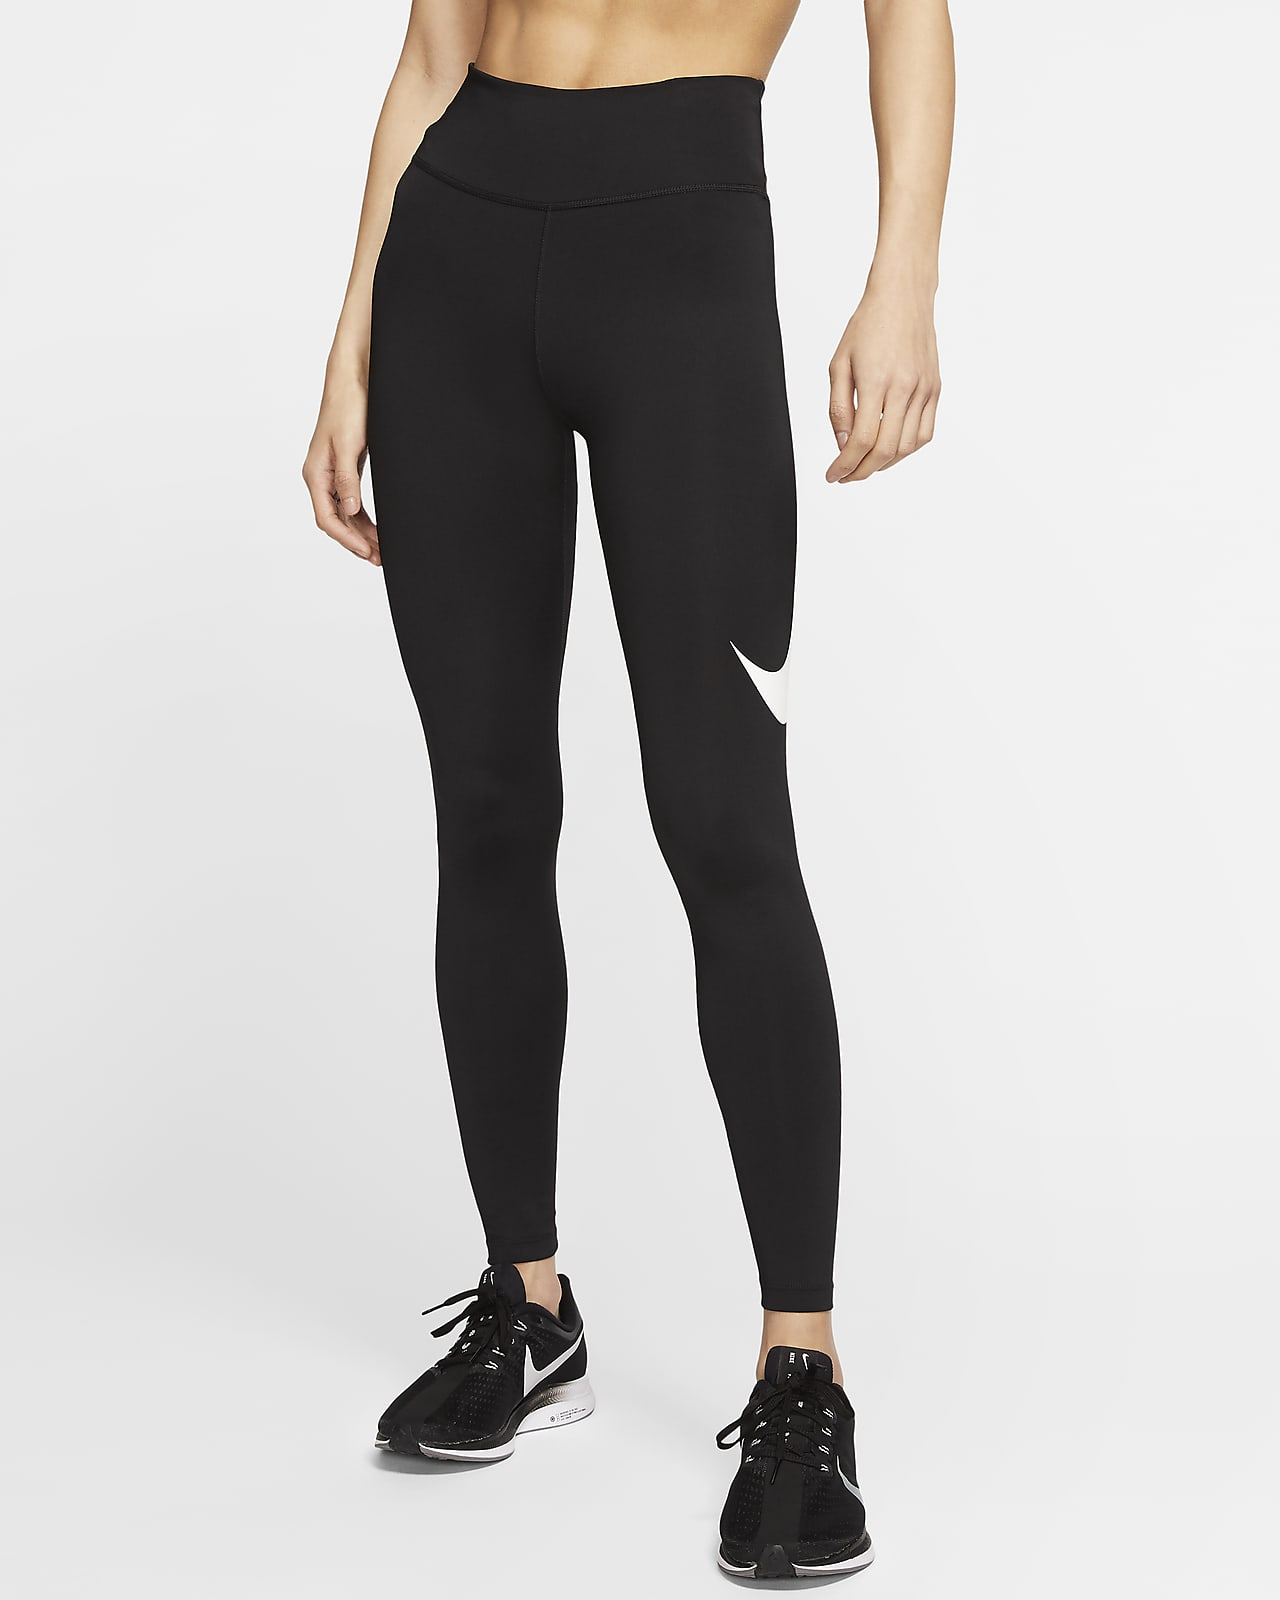 Nike 7/8-Lauf-Tights mit mittelhohem Bund für Damen